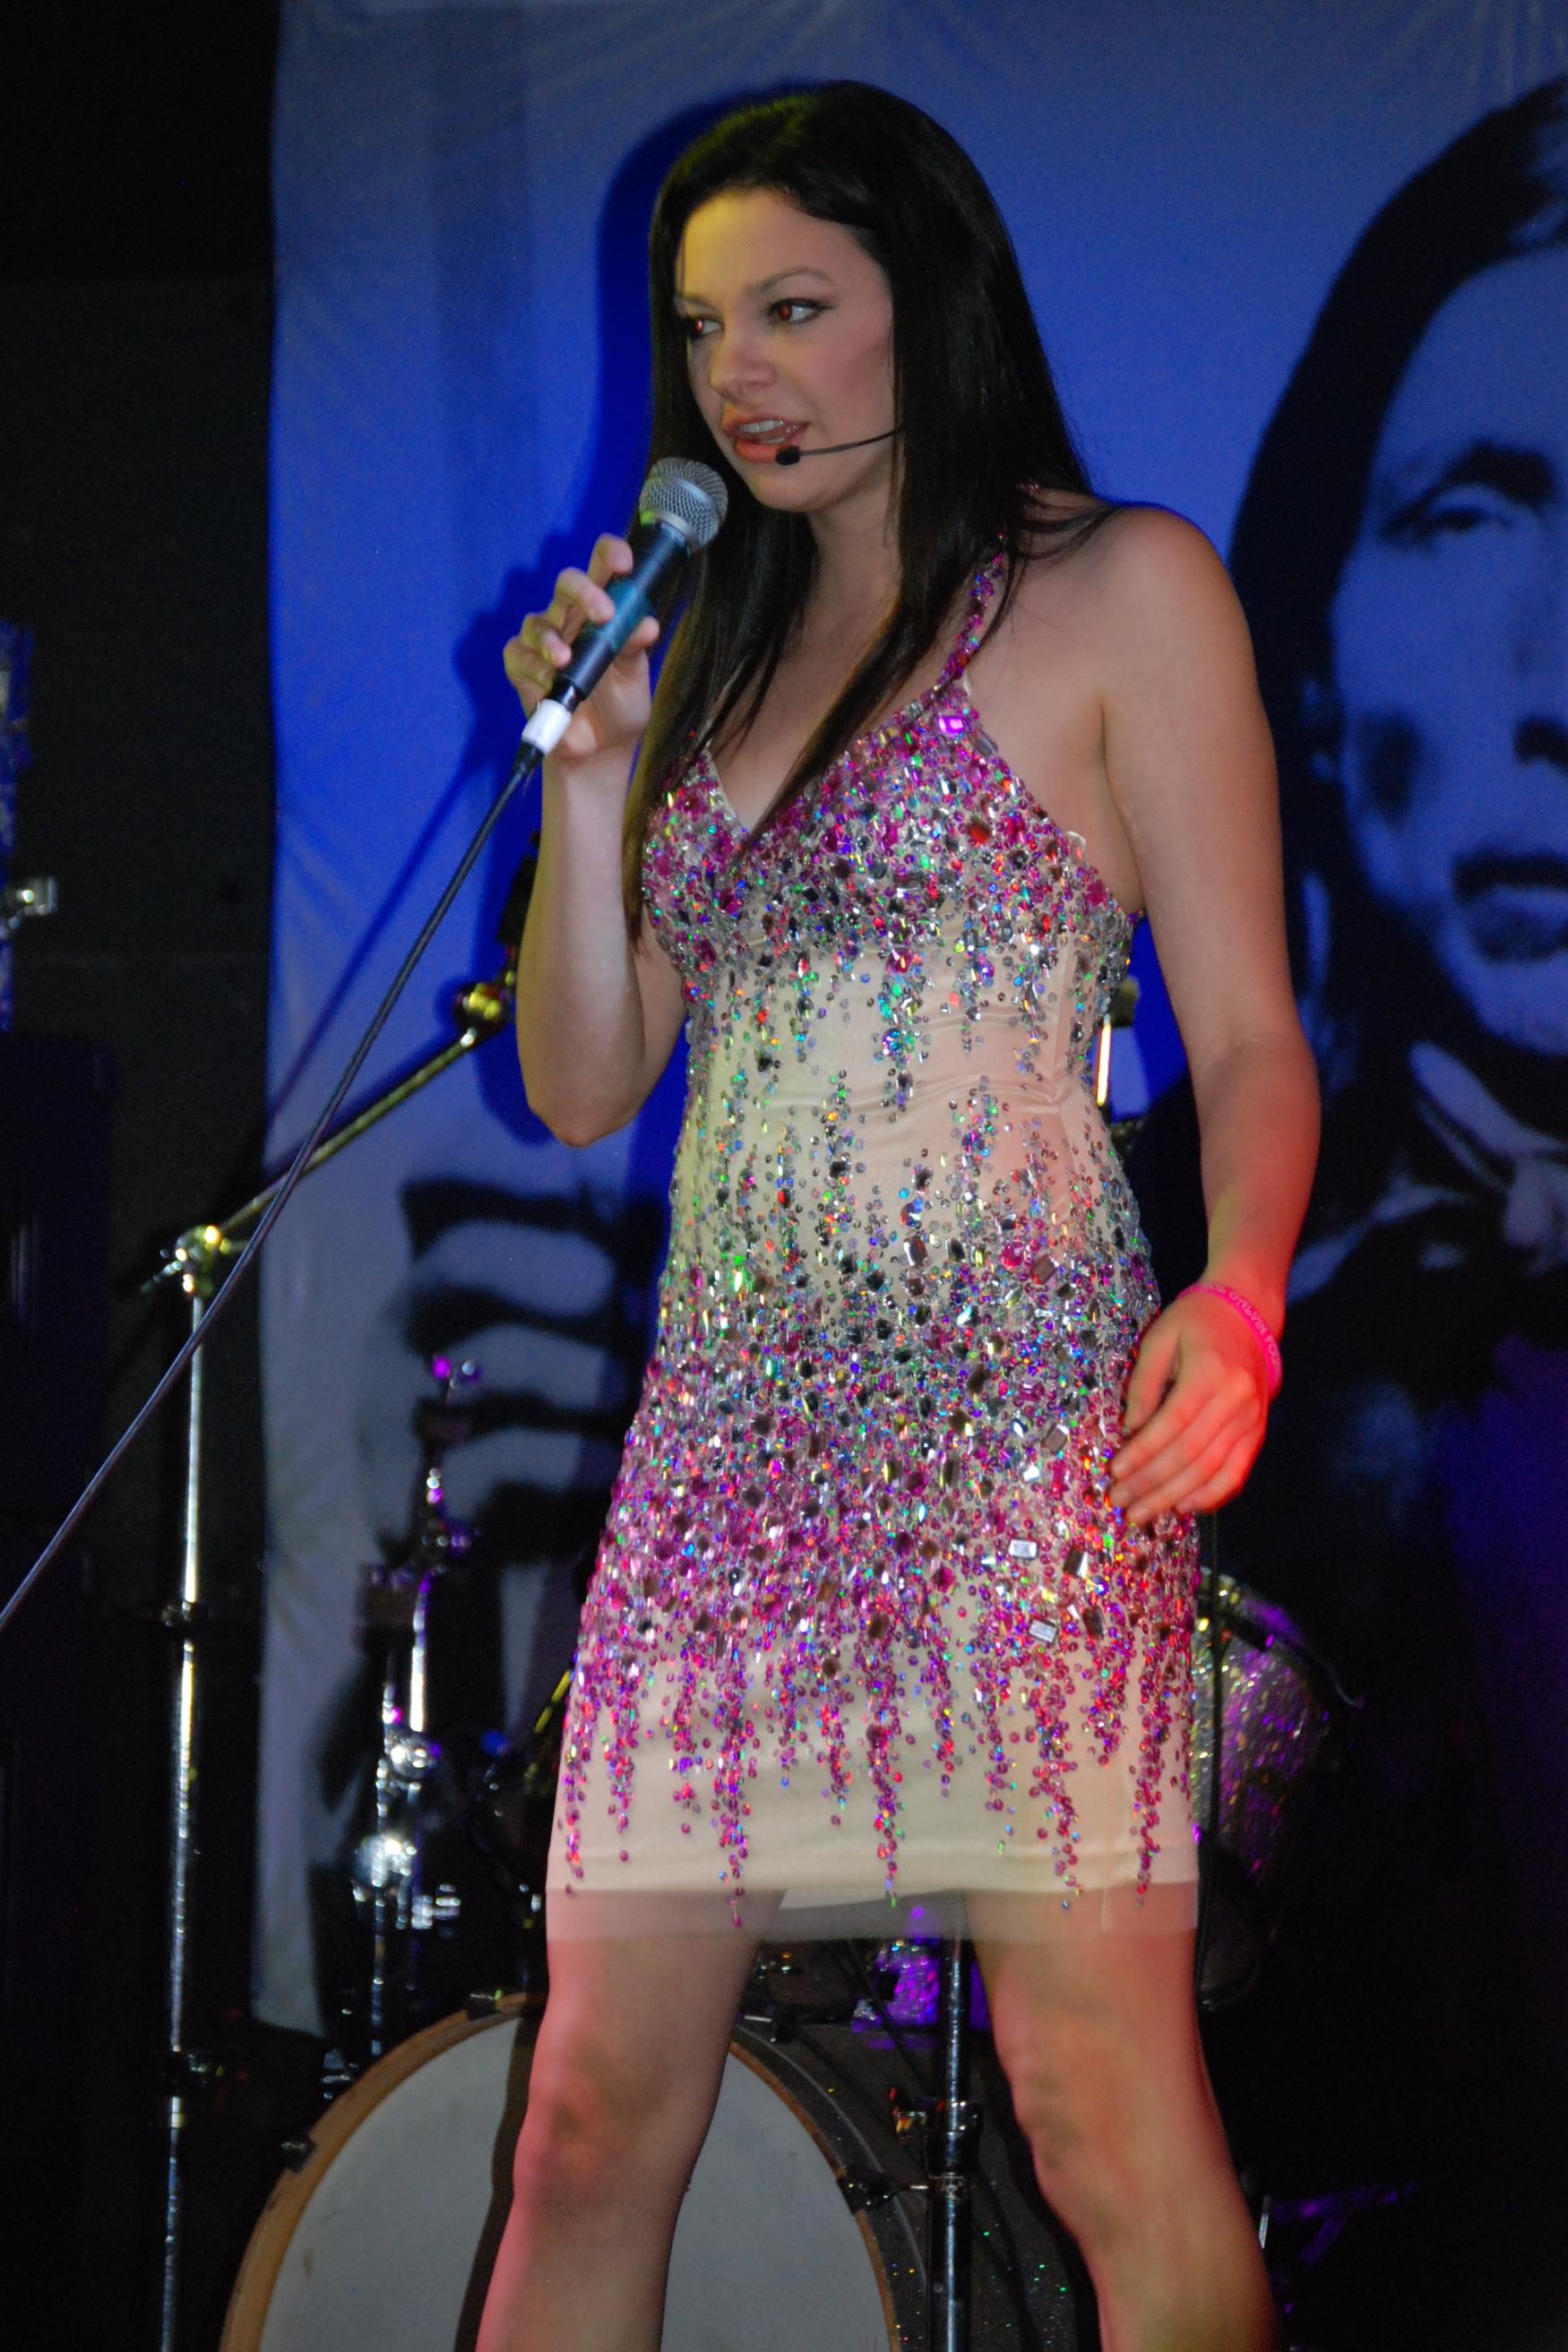 Meredith sings